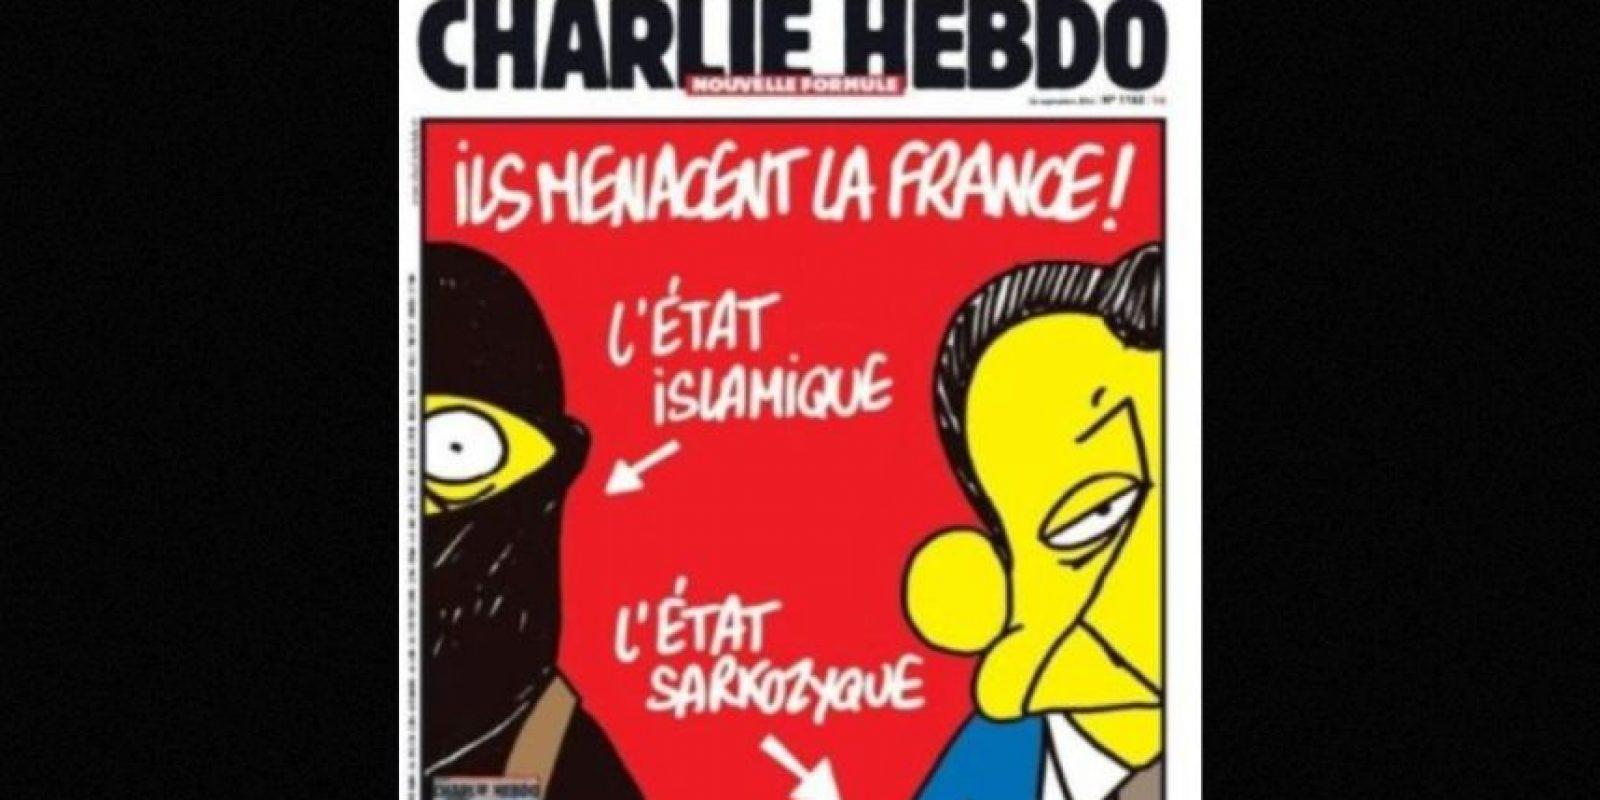 ambién criticaban a gobiernos anteriores, como el de Nicolás Sarkozy. Foto:Charlie Hebdo